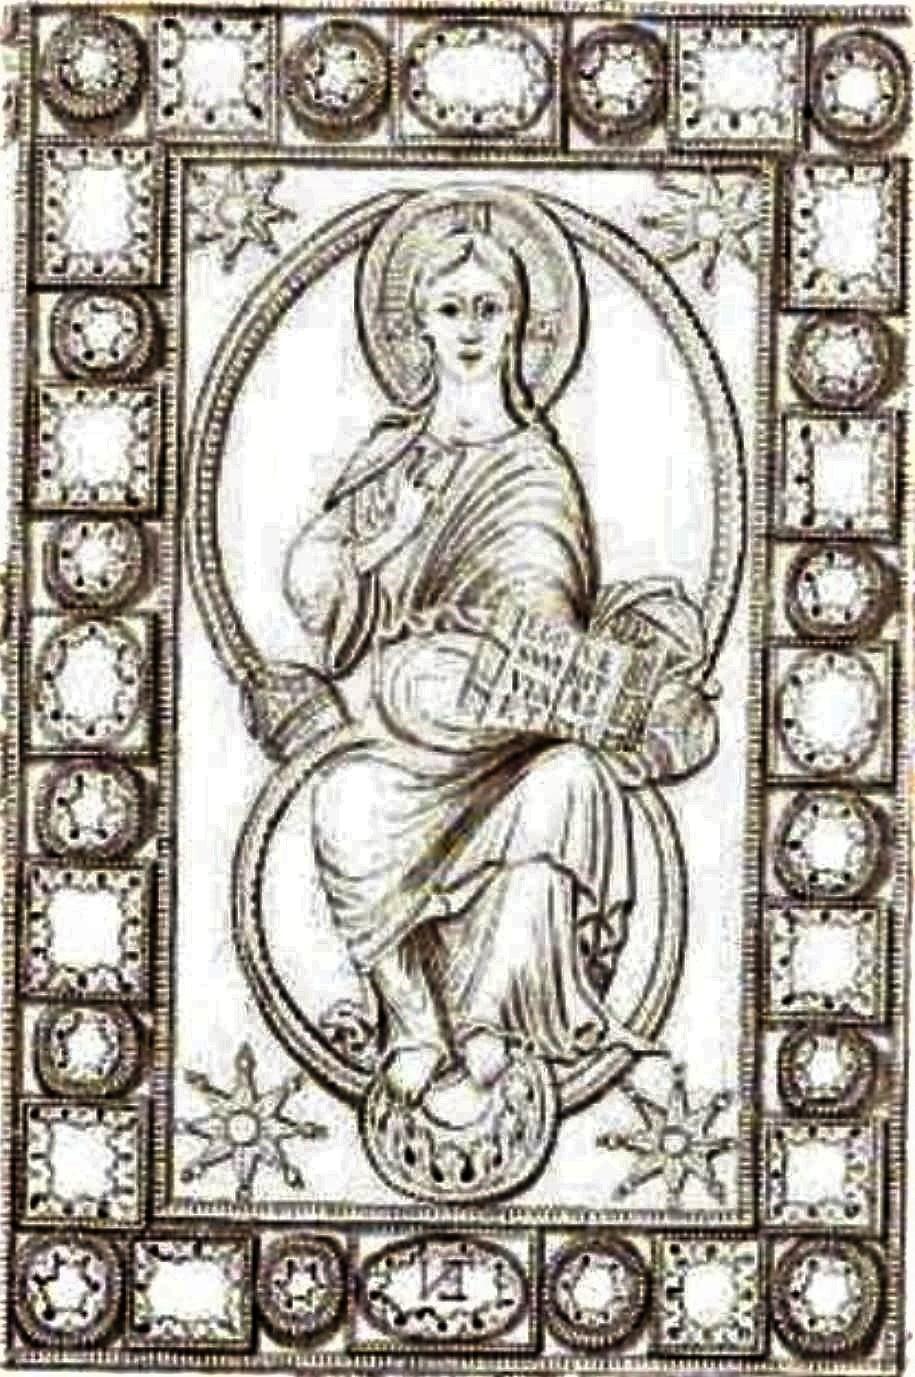 codex-aureus-de-saint-emmeran 870 ca detail Munich, Bayerische Staatsbibliothek christ